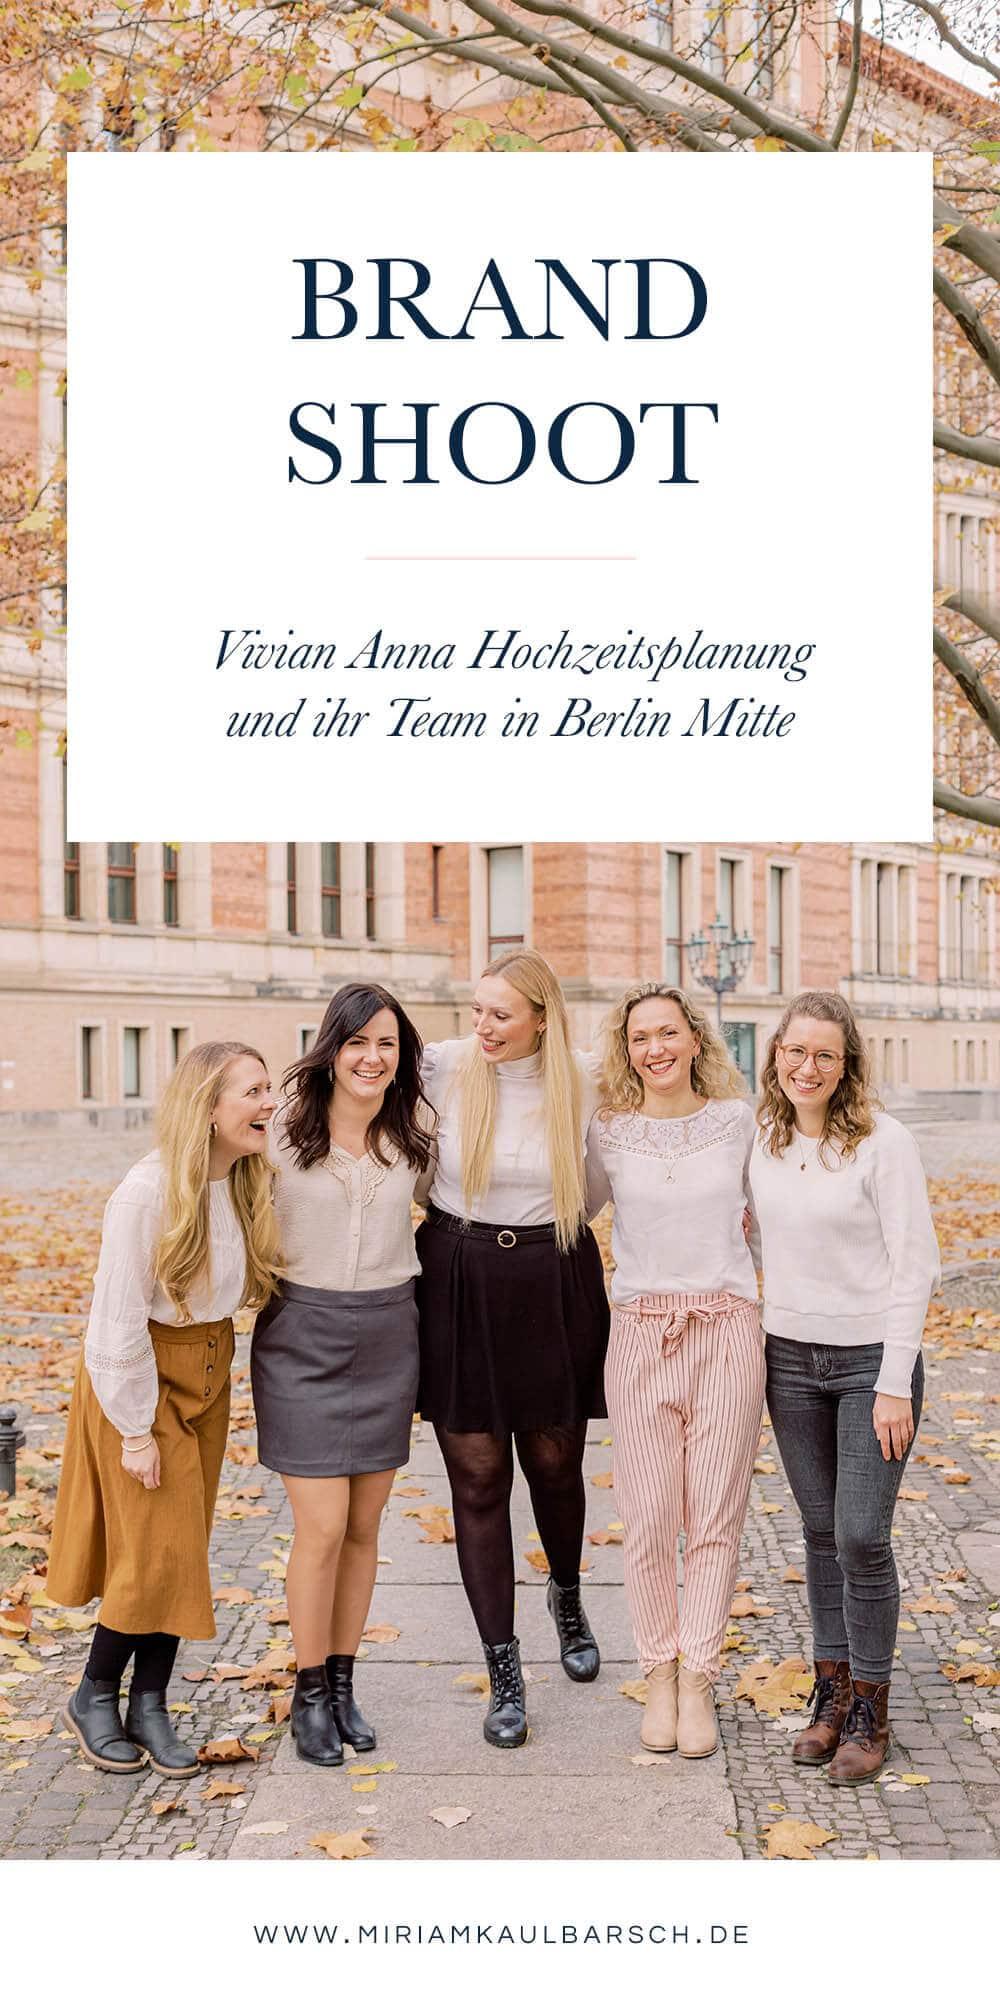 Brand Shoot mit Vivian Anna Hochzeitsplanung und ihrem Team in Berlin Mitte